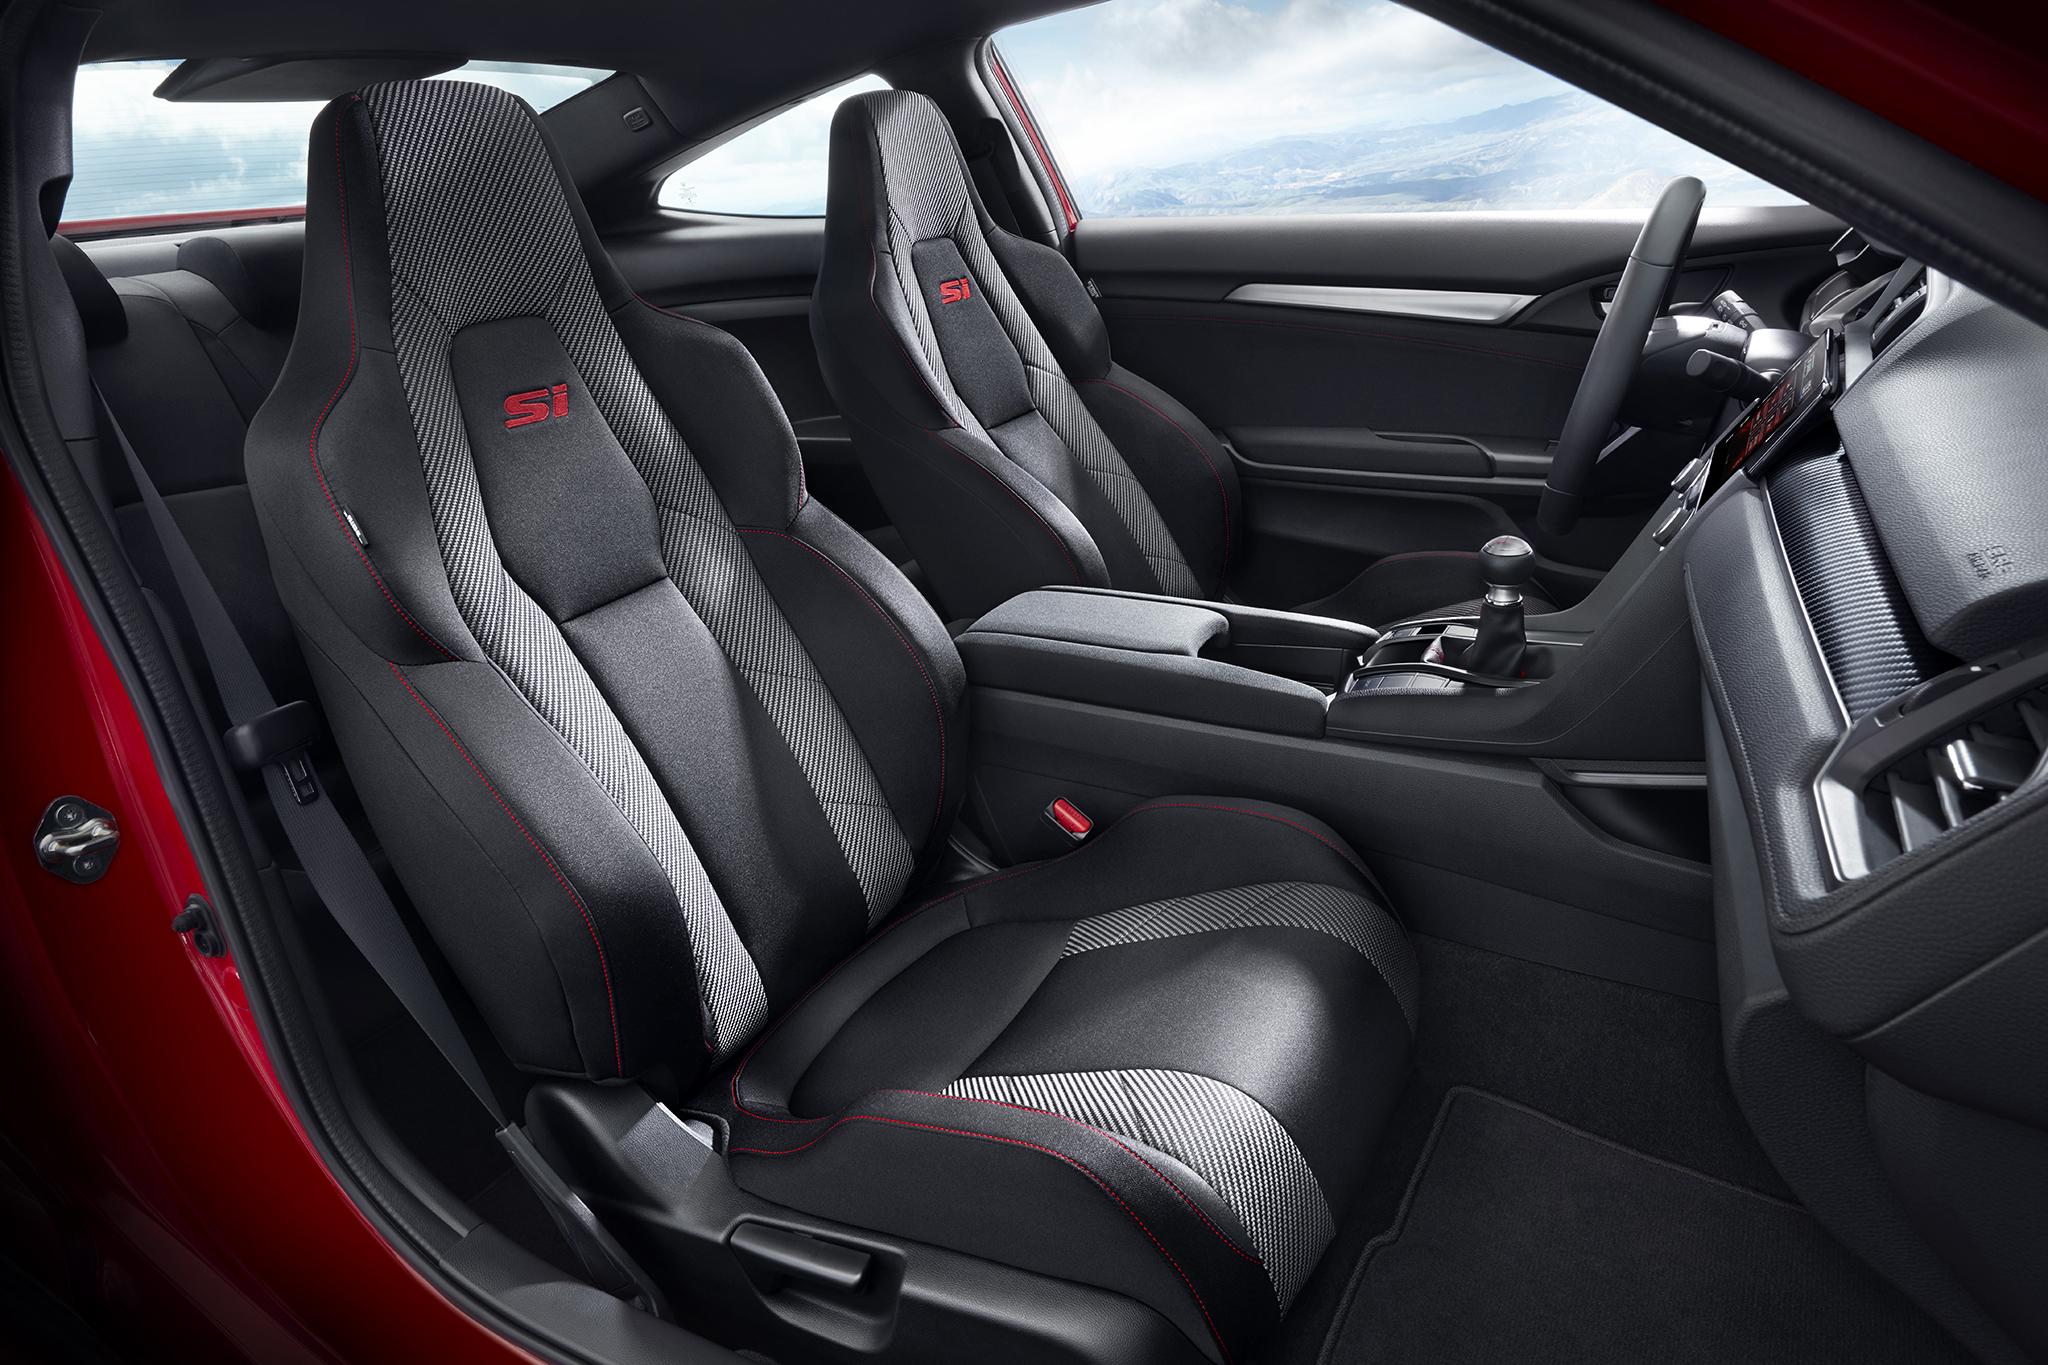 Honda Civic Si Seats